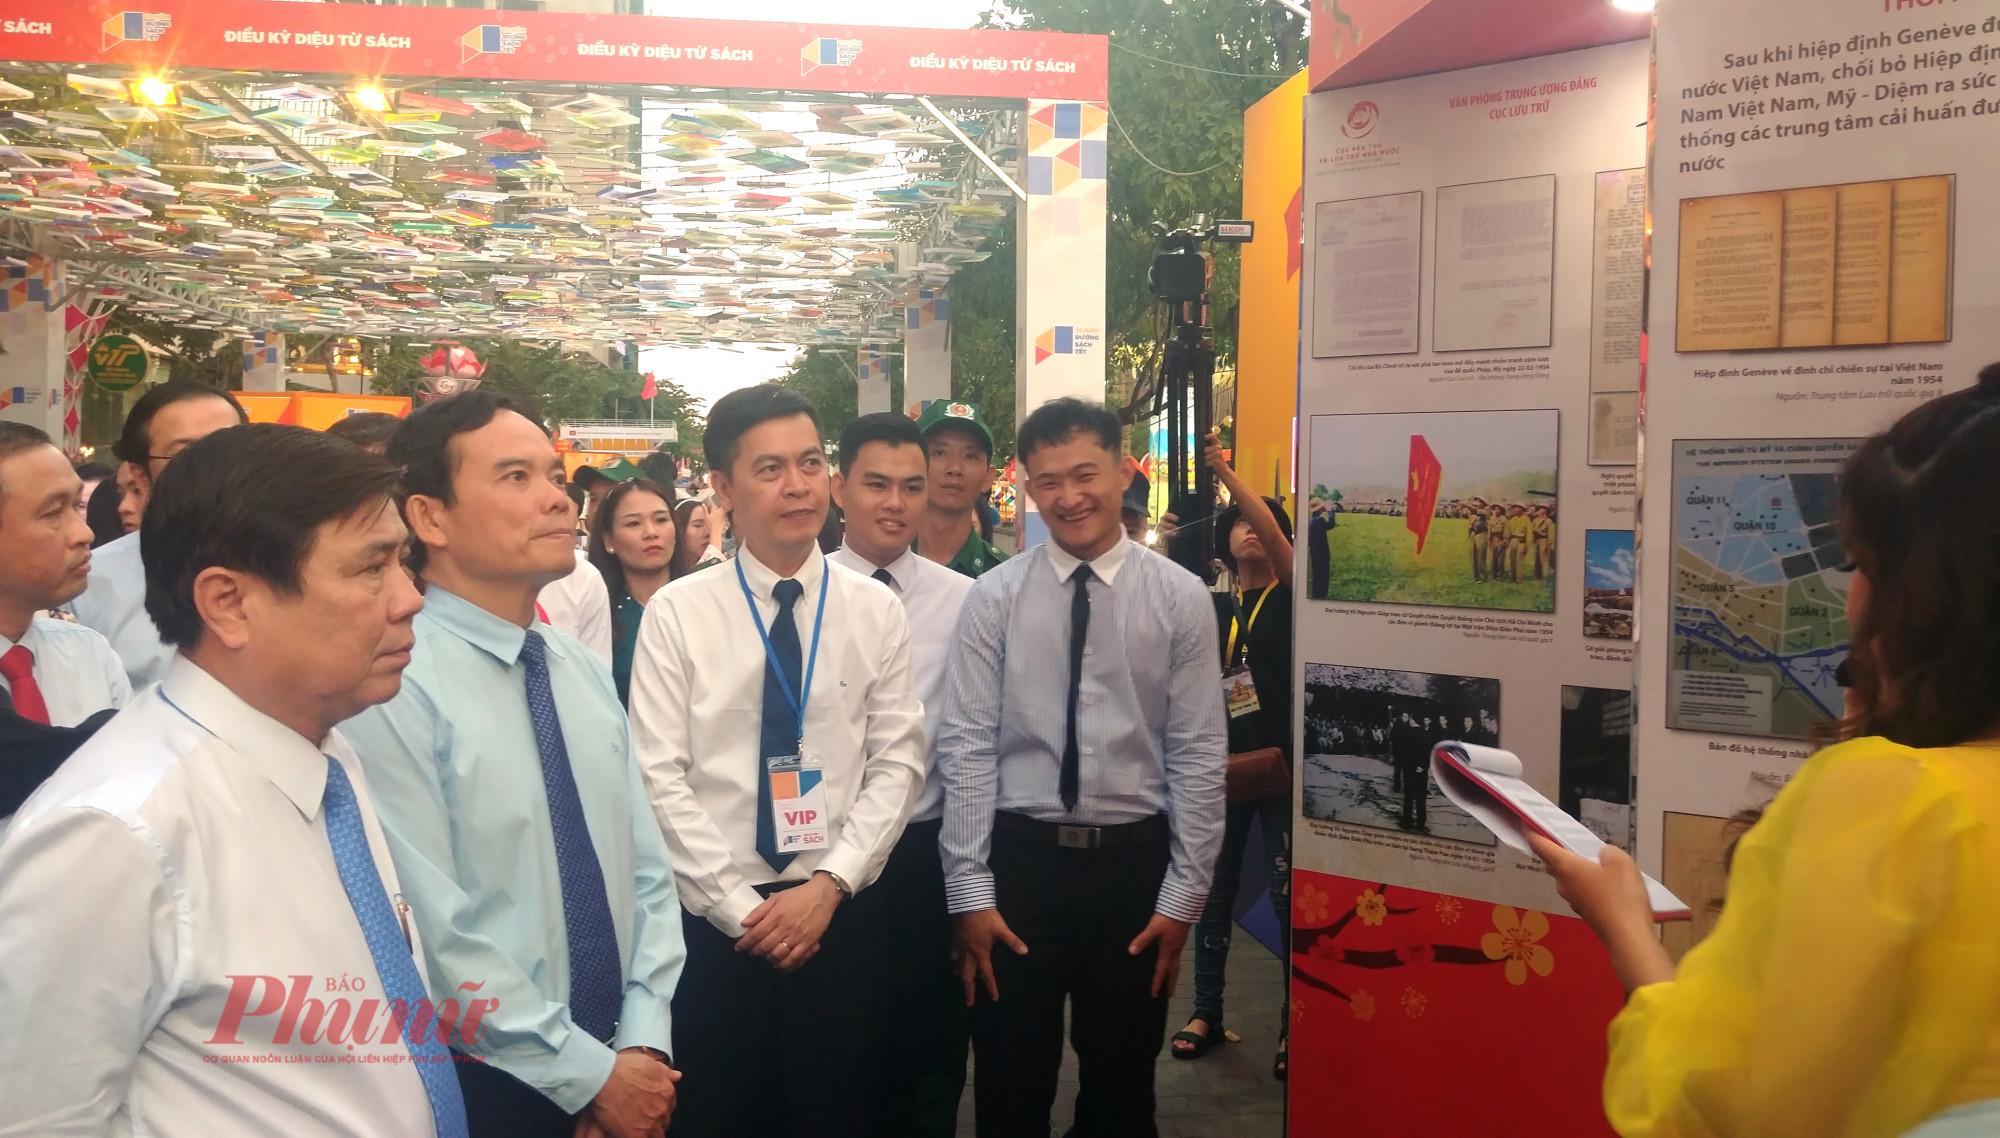 Lãnh đạo TPHCM tham quan đường sách 2020 trên tuyến đường Nguyễn Huệ - Mạc Thị Bưởi